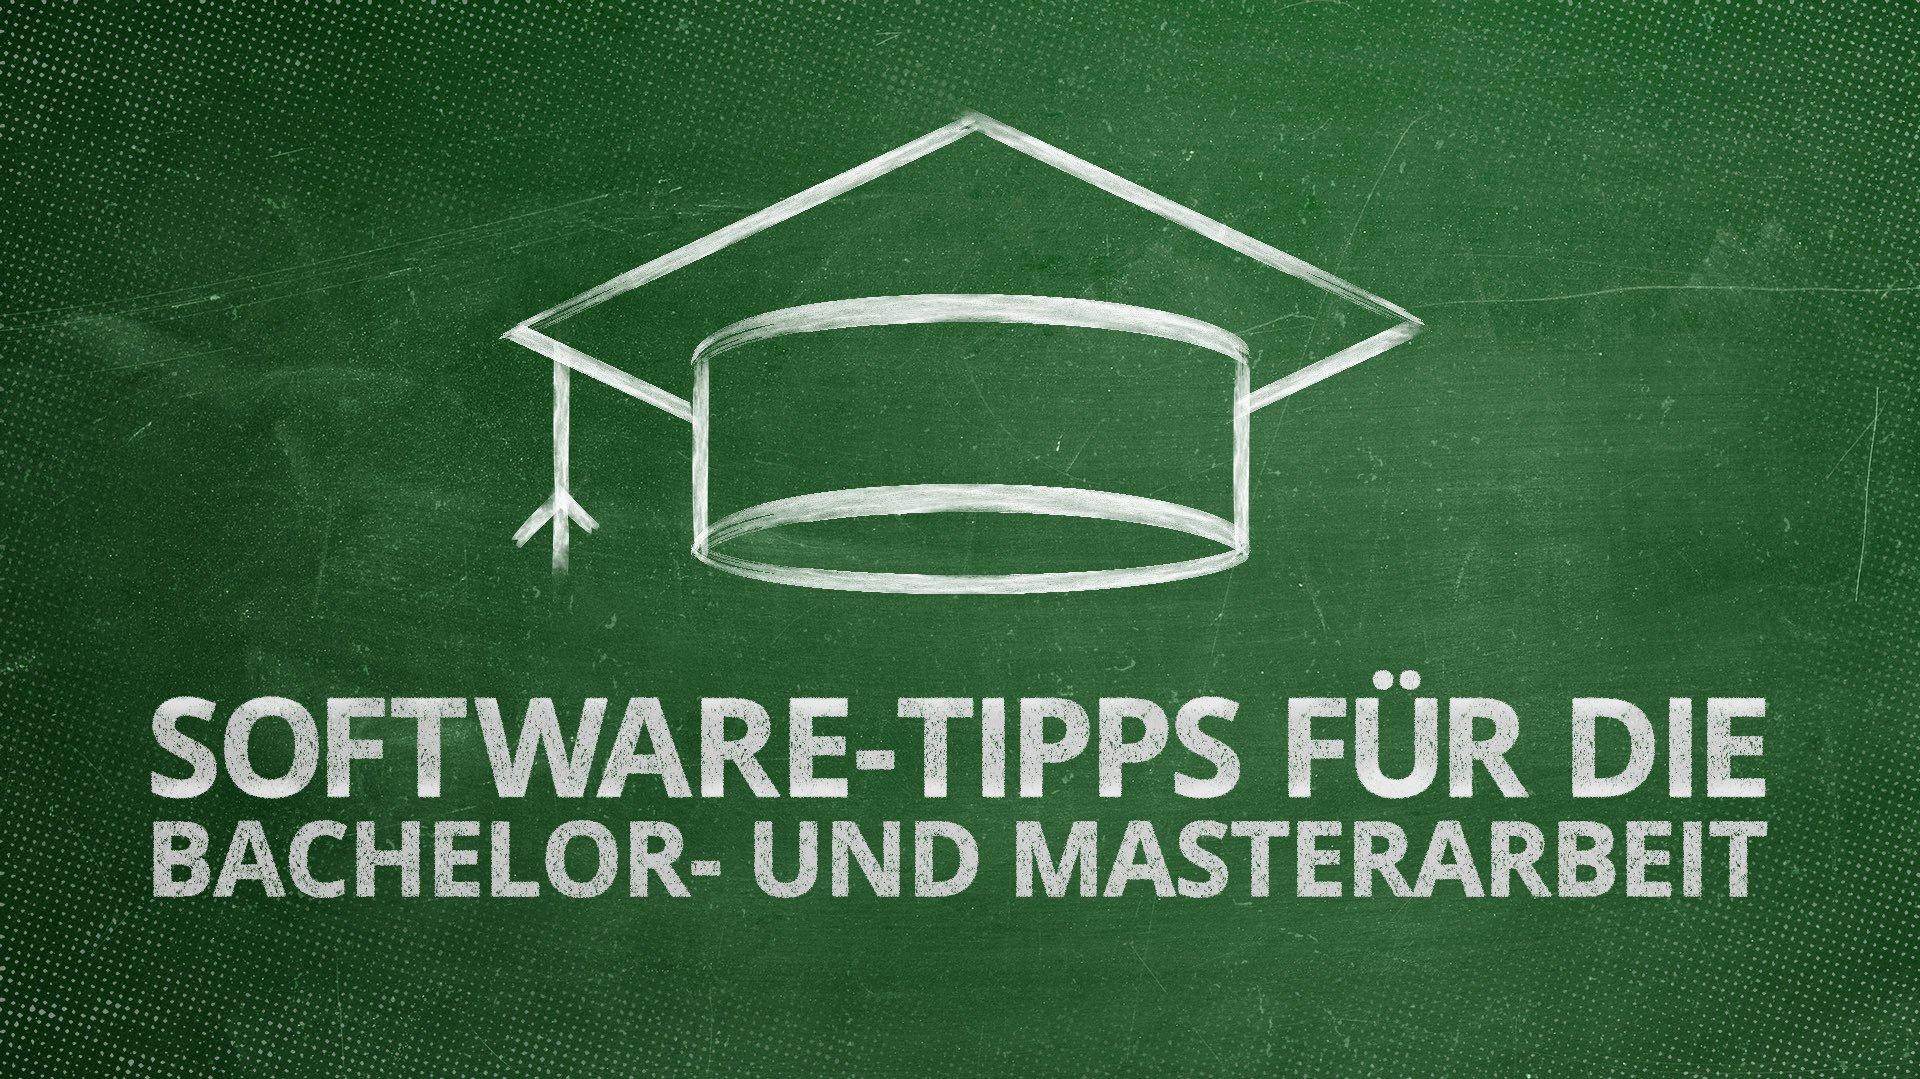 Software Tipps Für Die Master Und Bachelorarbeit Heise Download